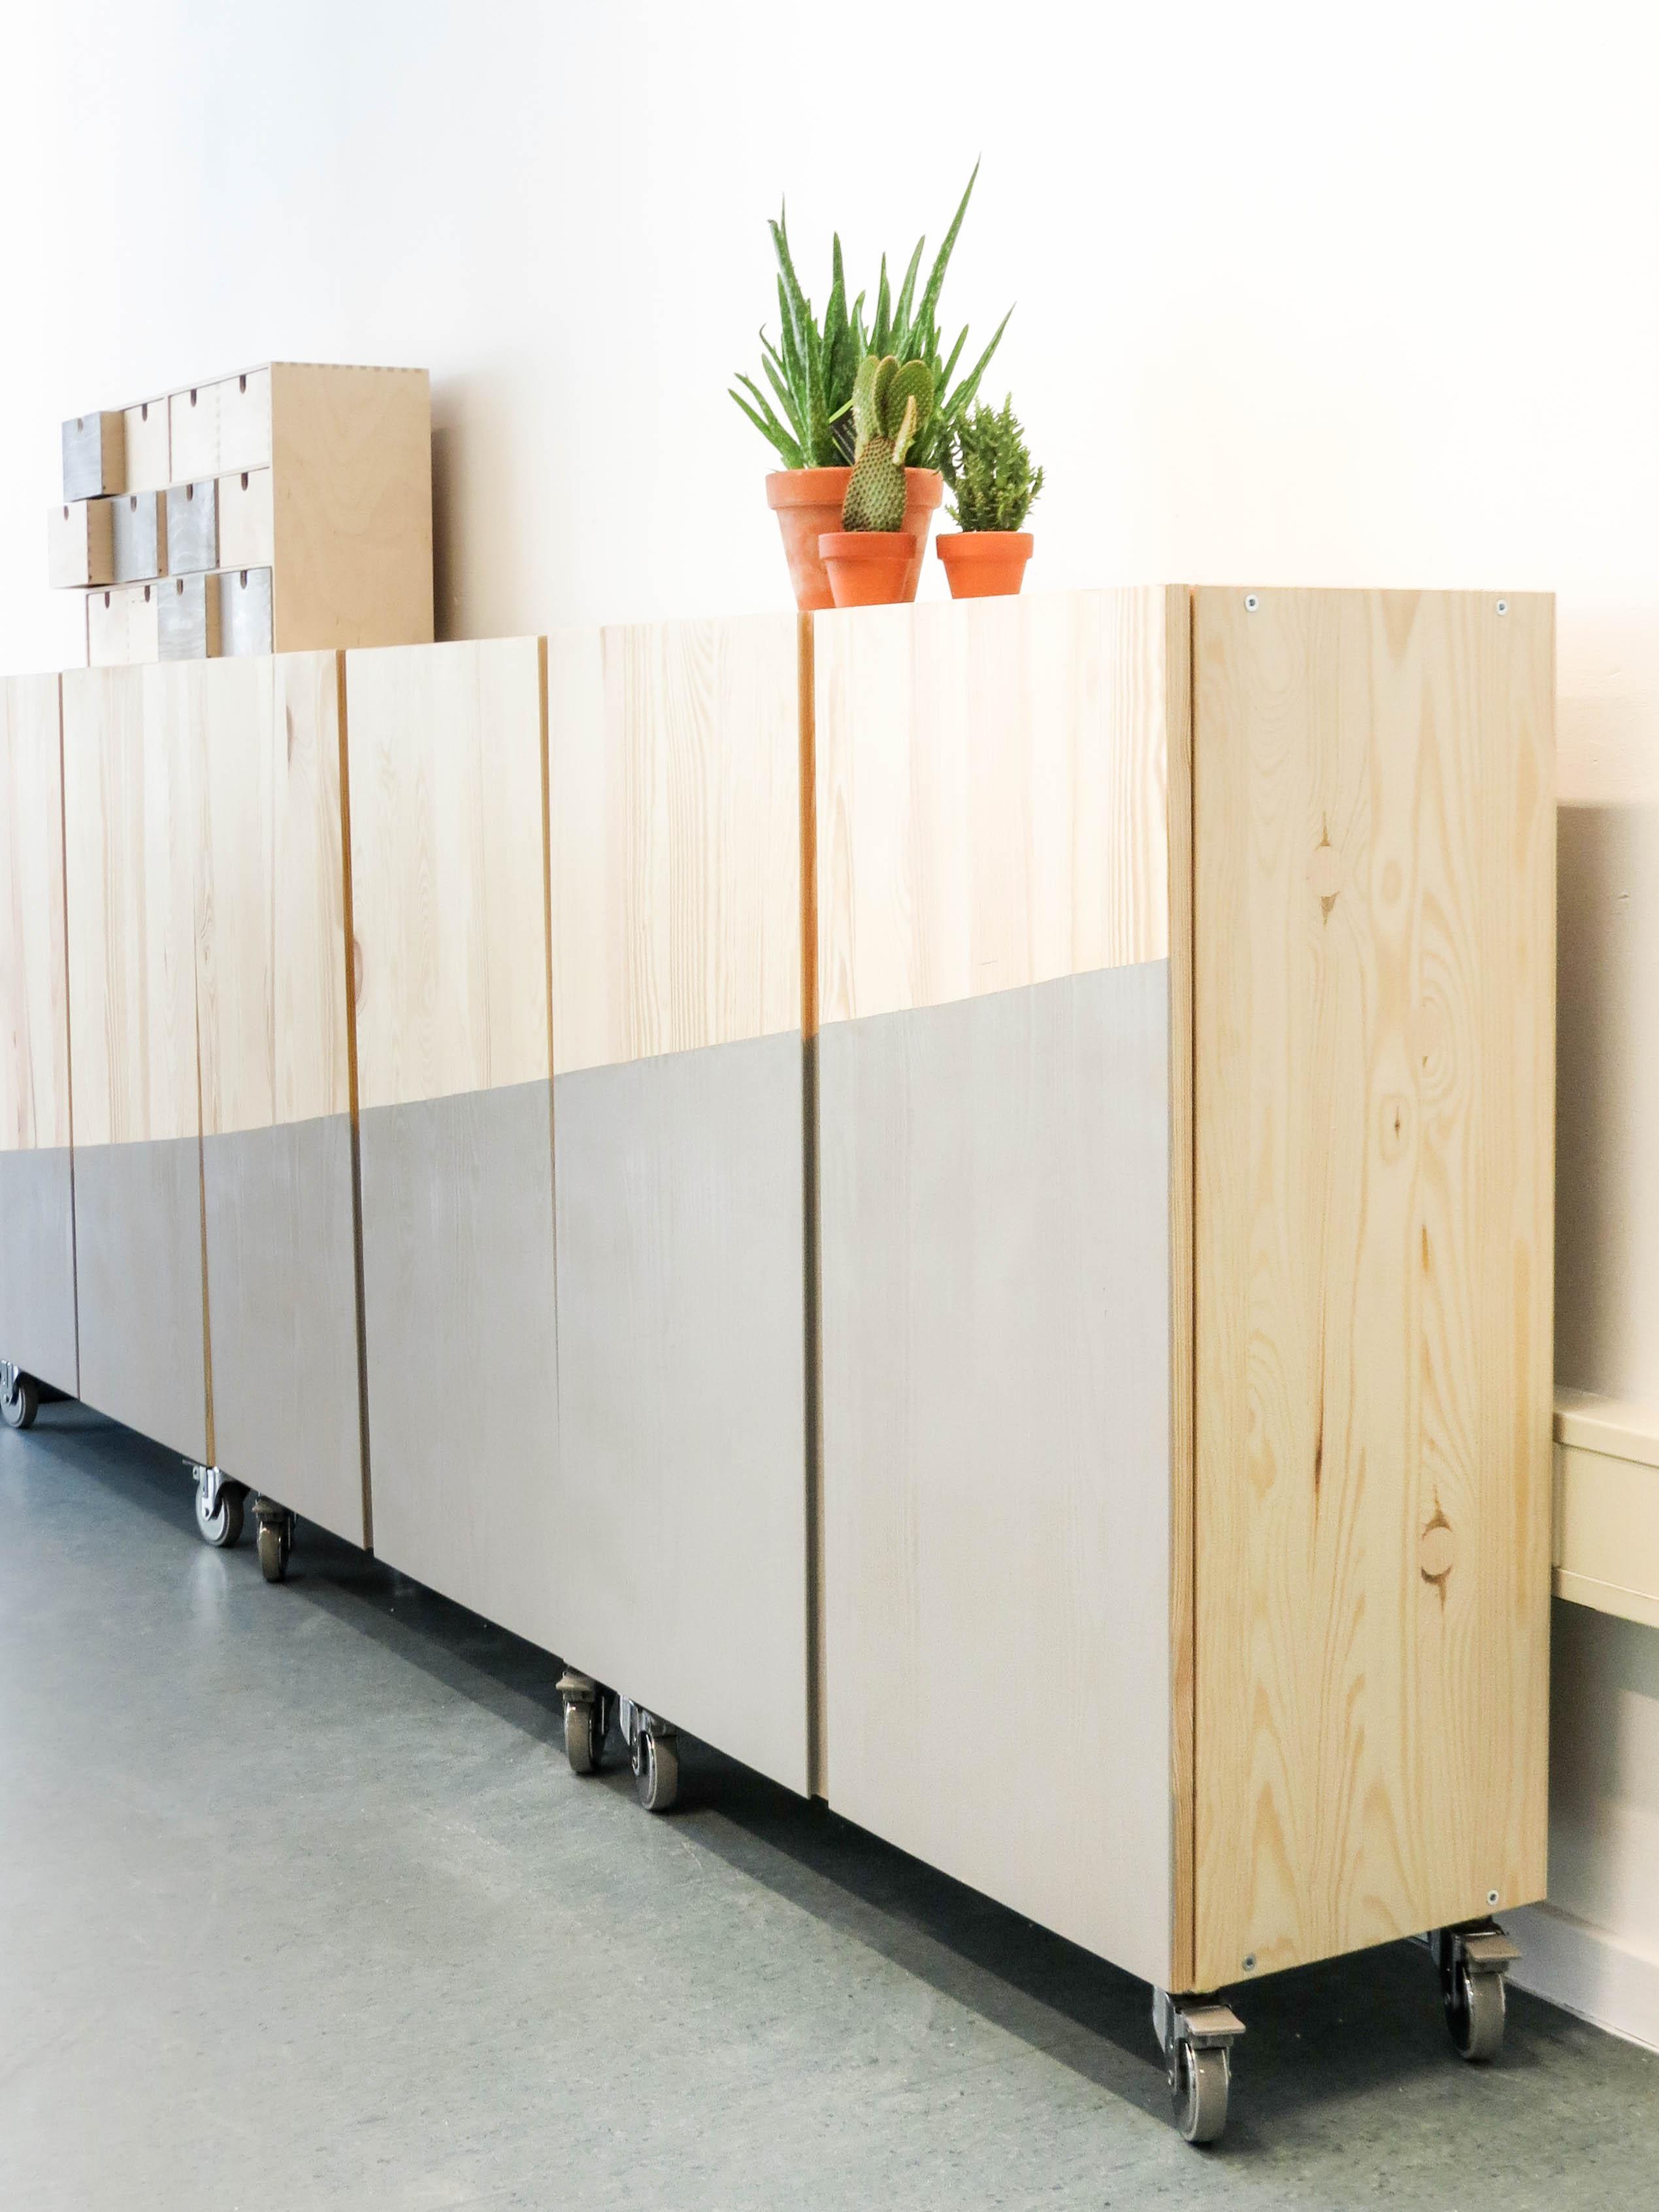 Kledingkast ikea op maat kastbed kopen ikea hack platform bed met extra opbergruimte imgbd - Keuken platform ...